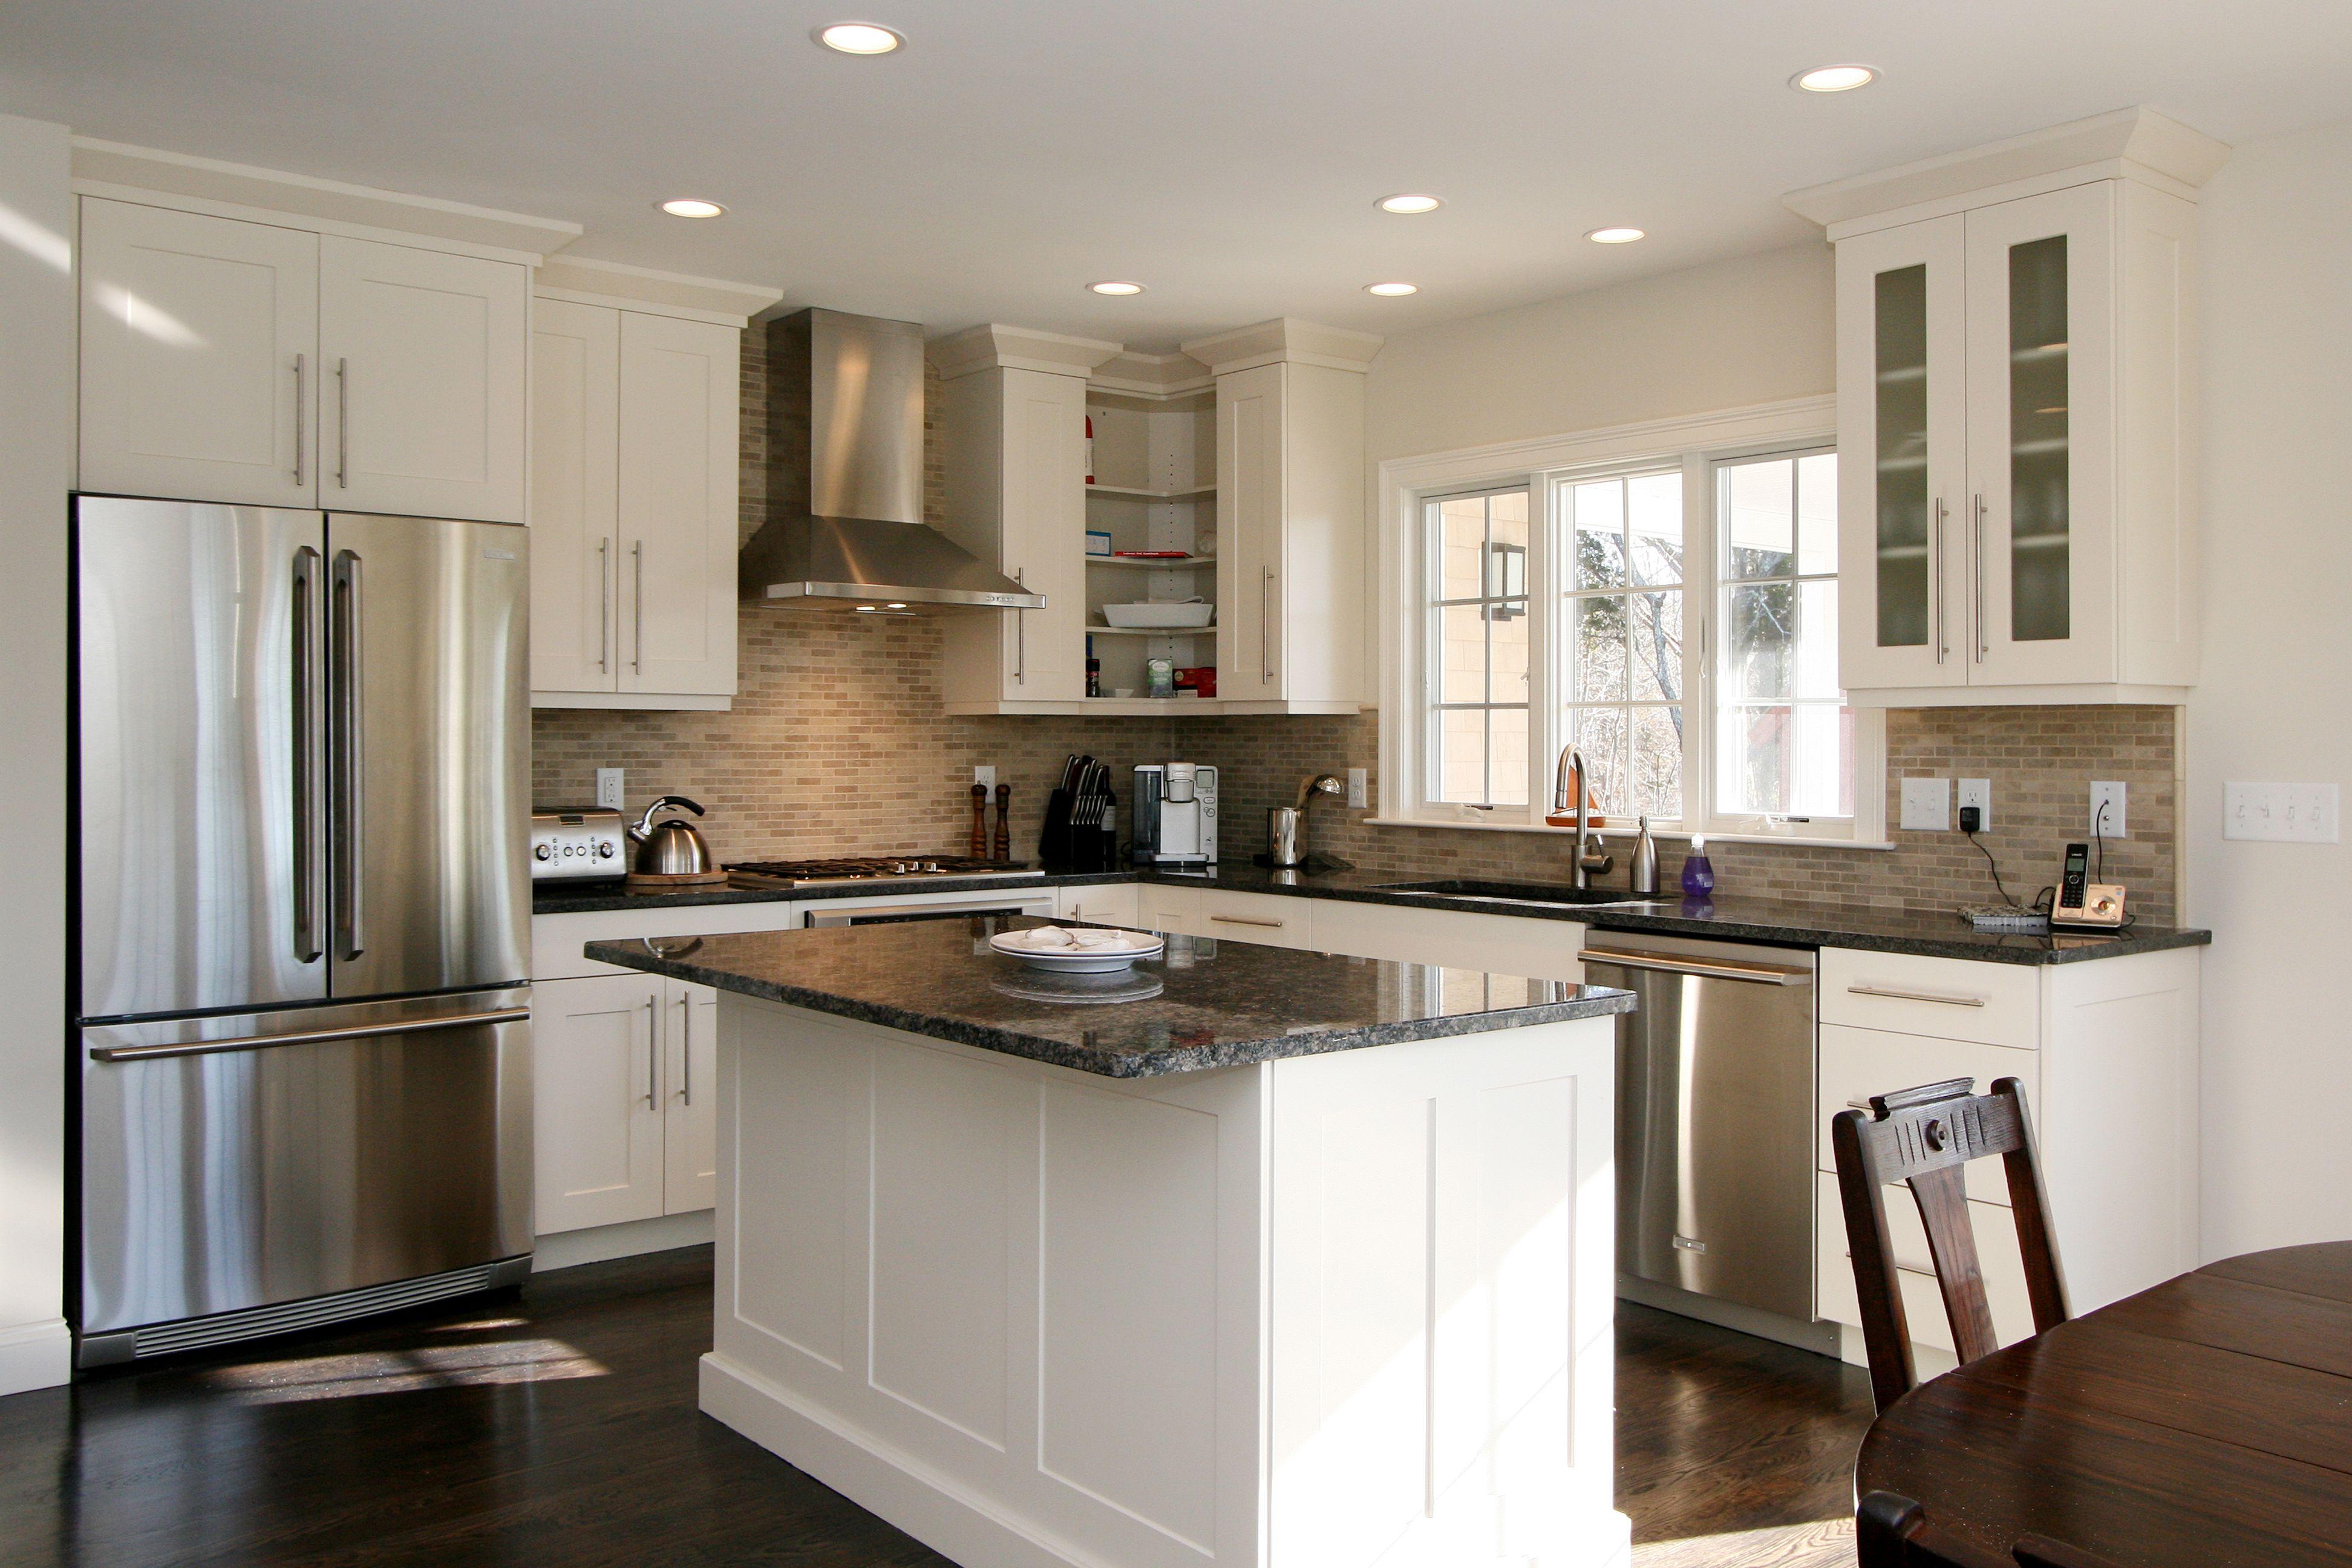 Kitchen Floor Plans With Island kitchen floor plan ideas with island - interior   home interior